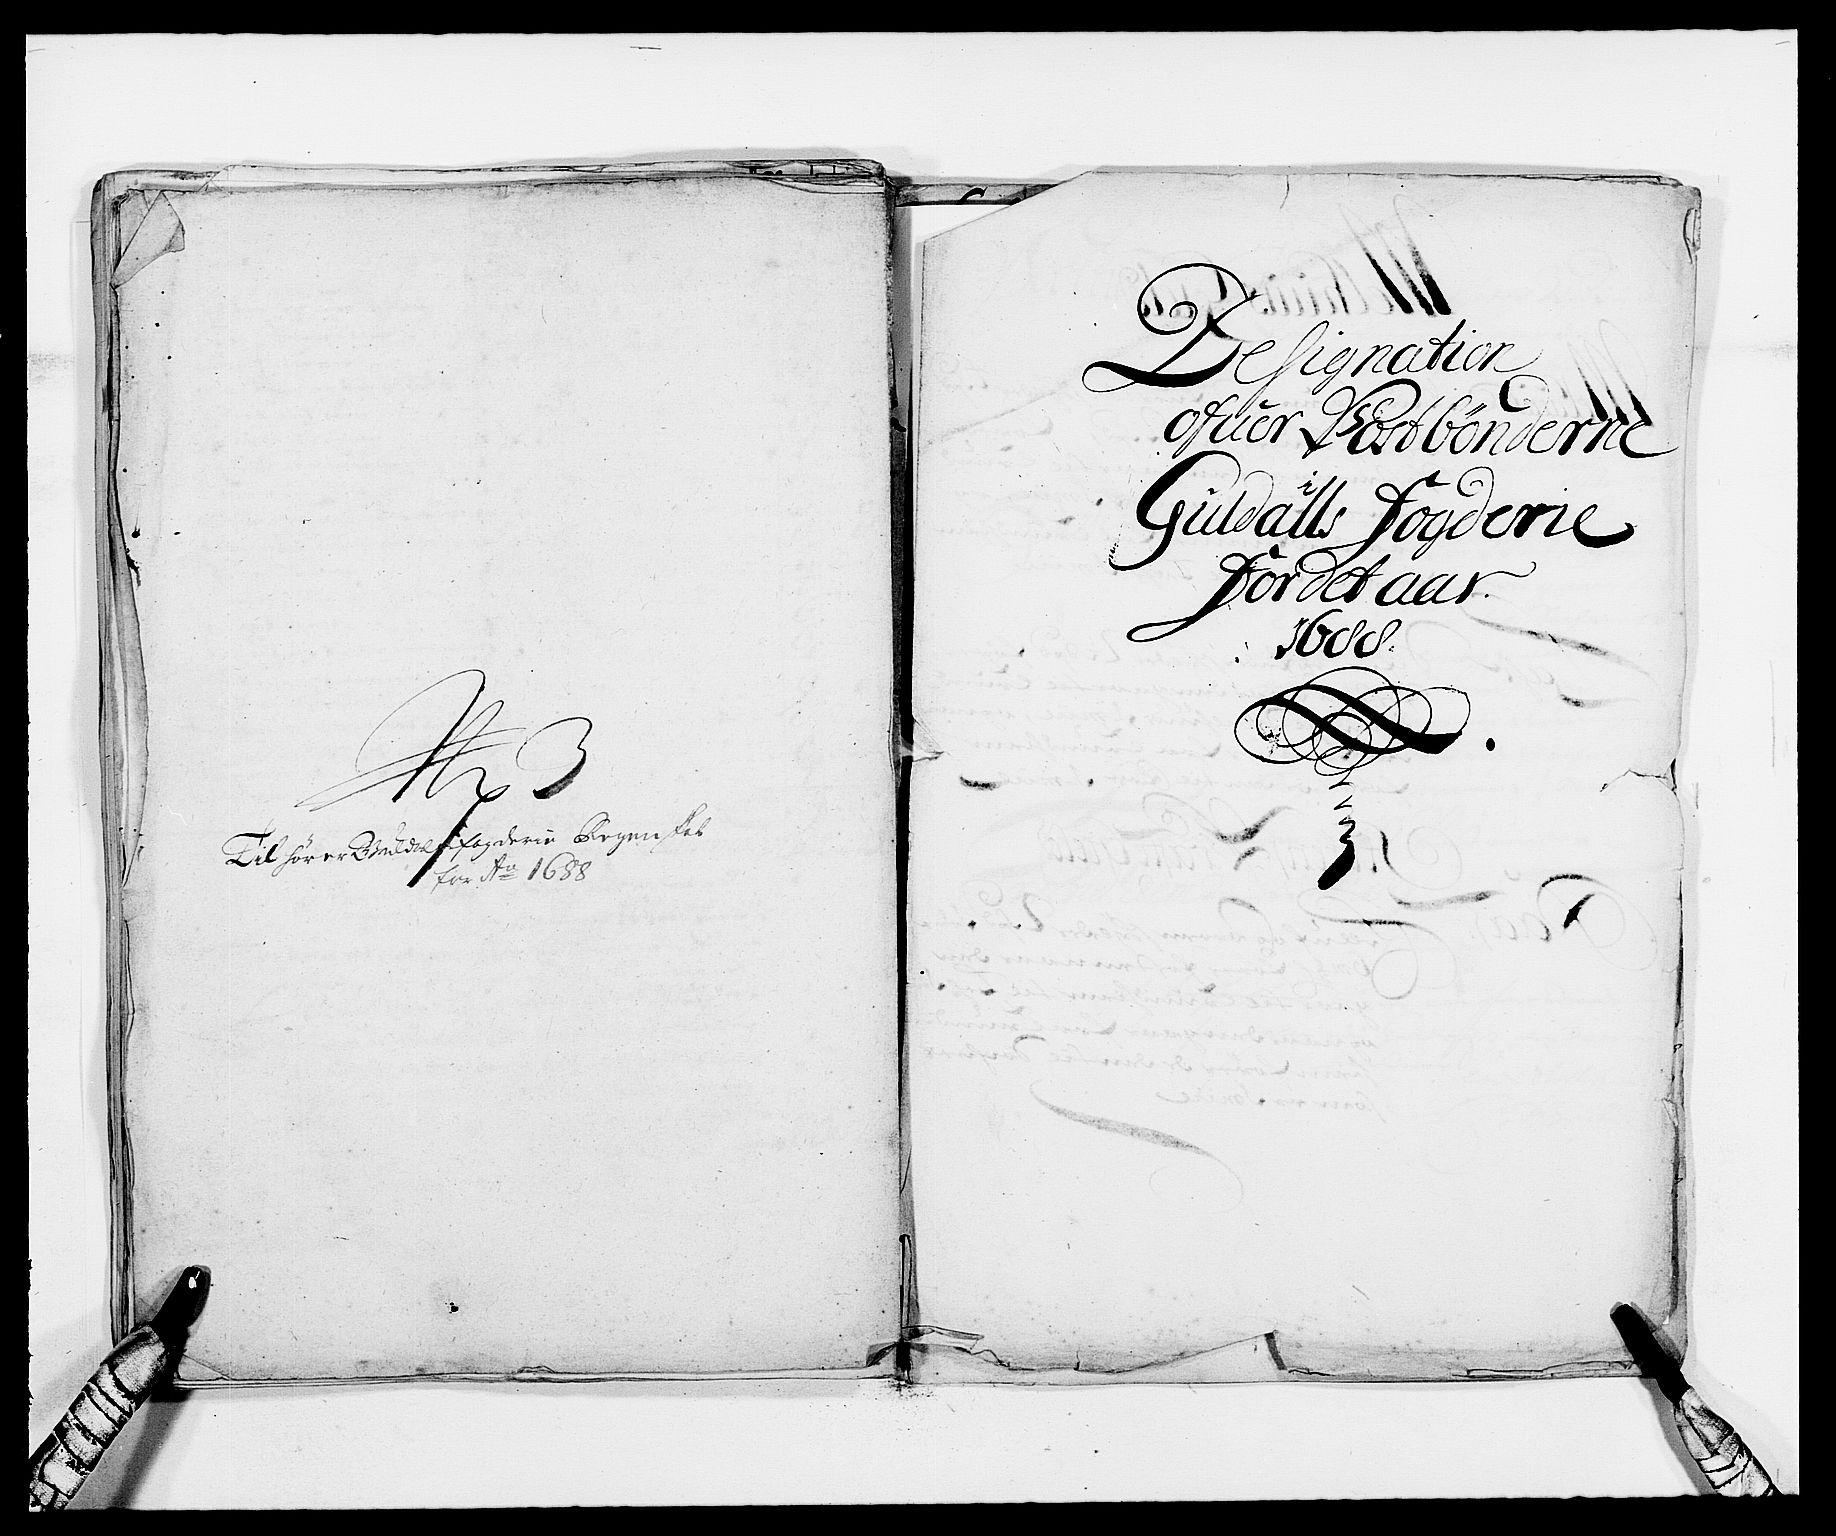 RA, Rentekammeret inntil 1814, Reviderte regnskaper, Fogderegnskap, R59/L3939: Fogderegnskap Gauldal, 1687-1688, s. 344